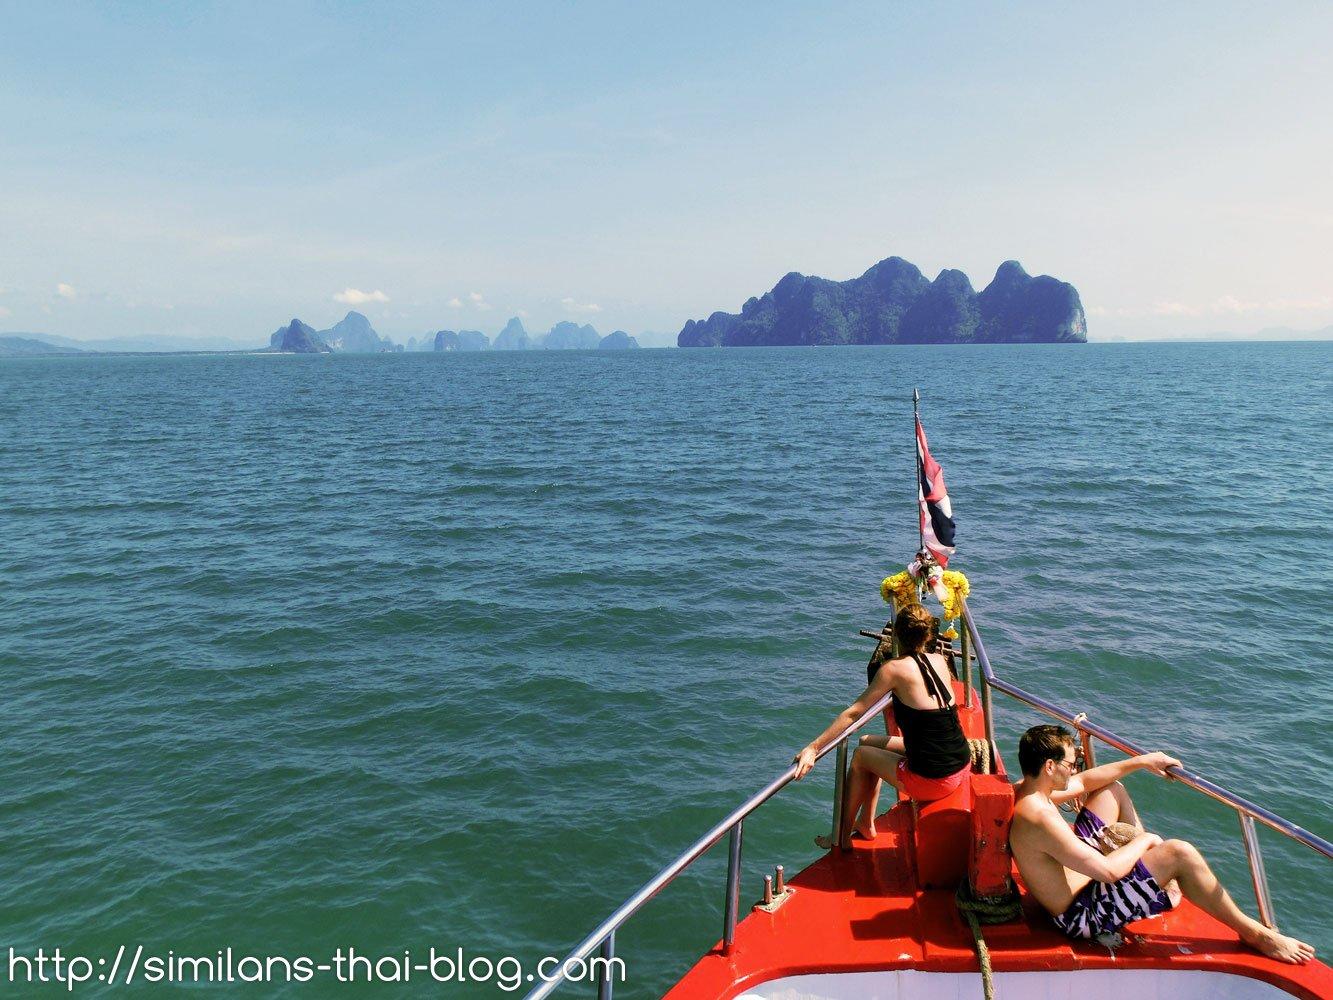 phang-gna-on-boat